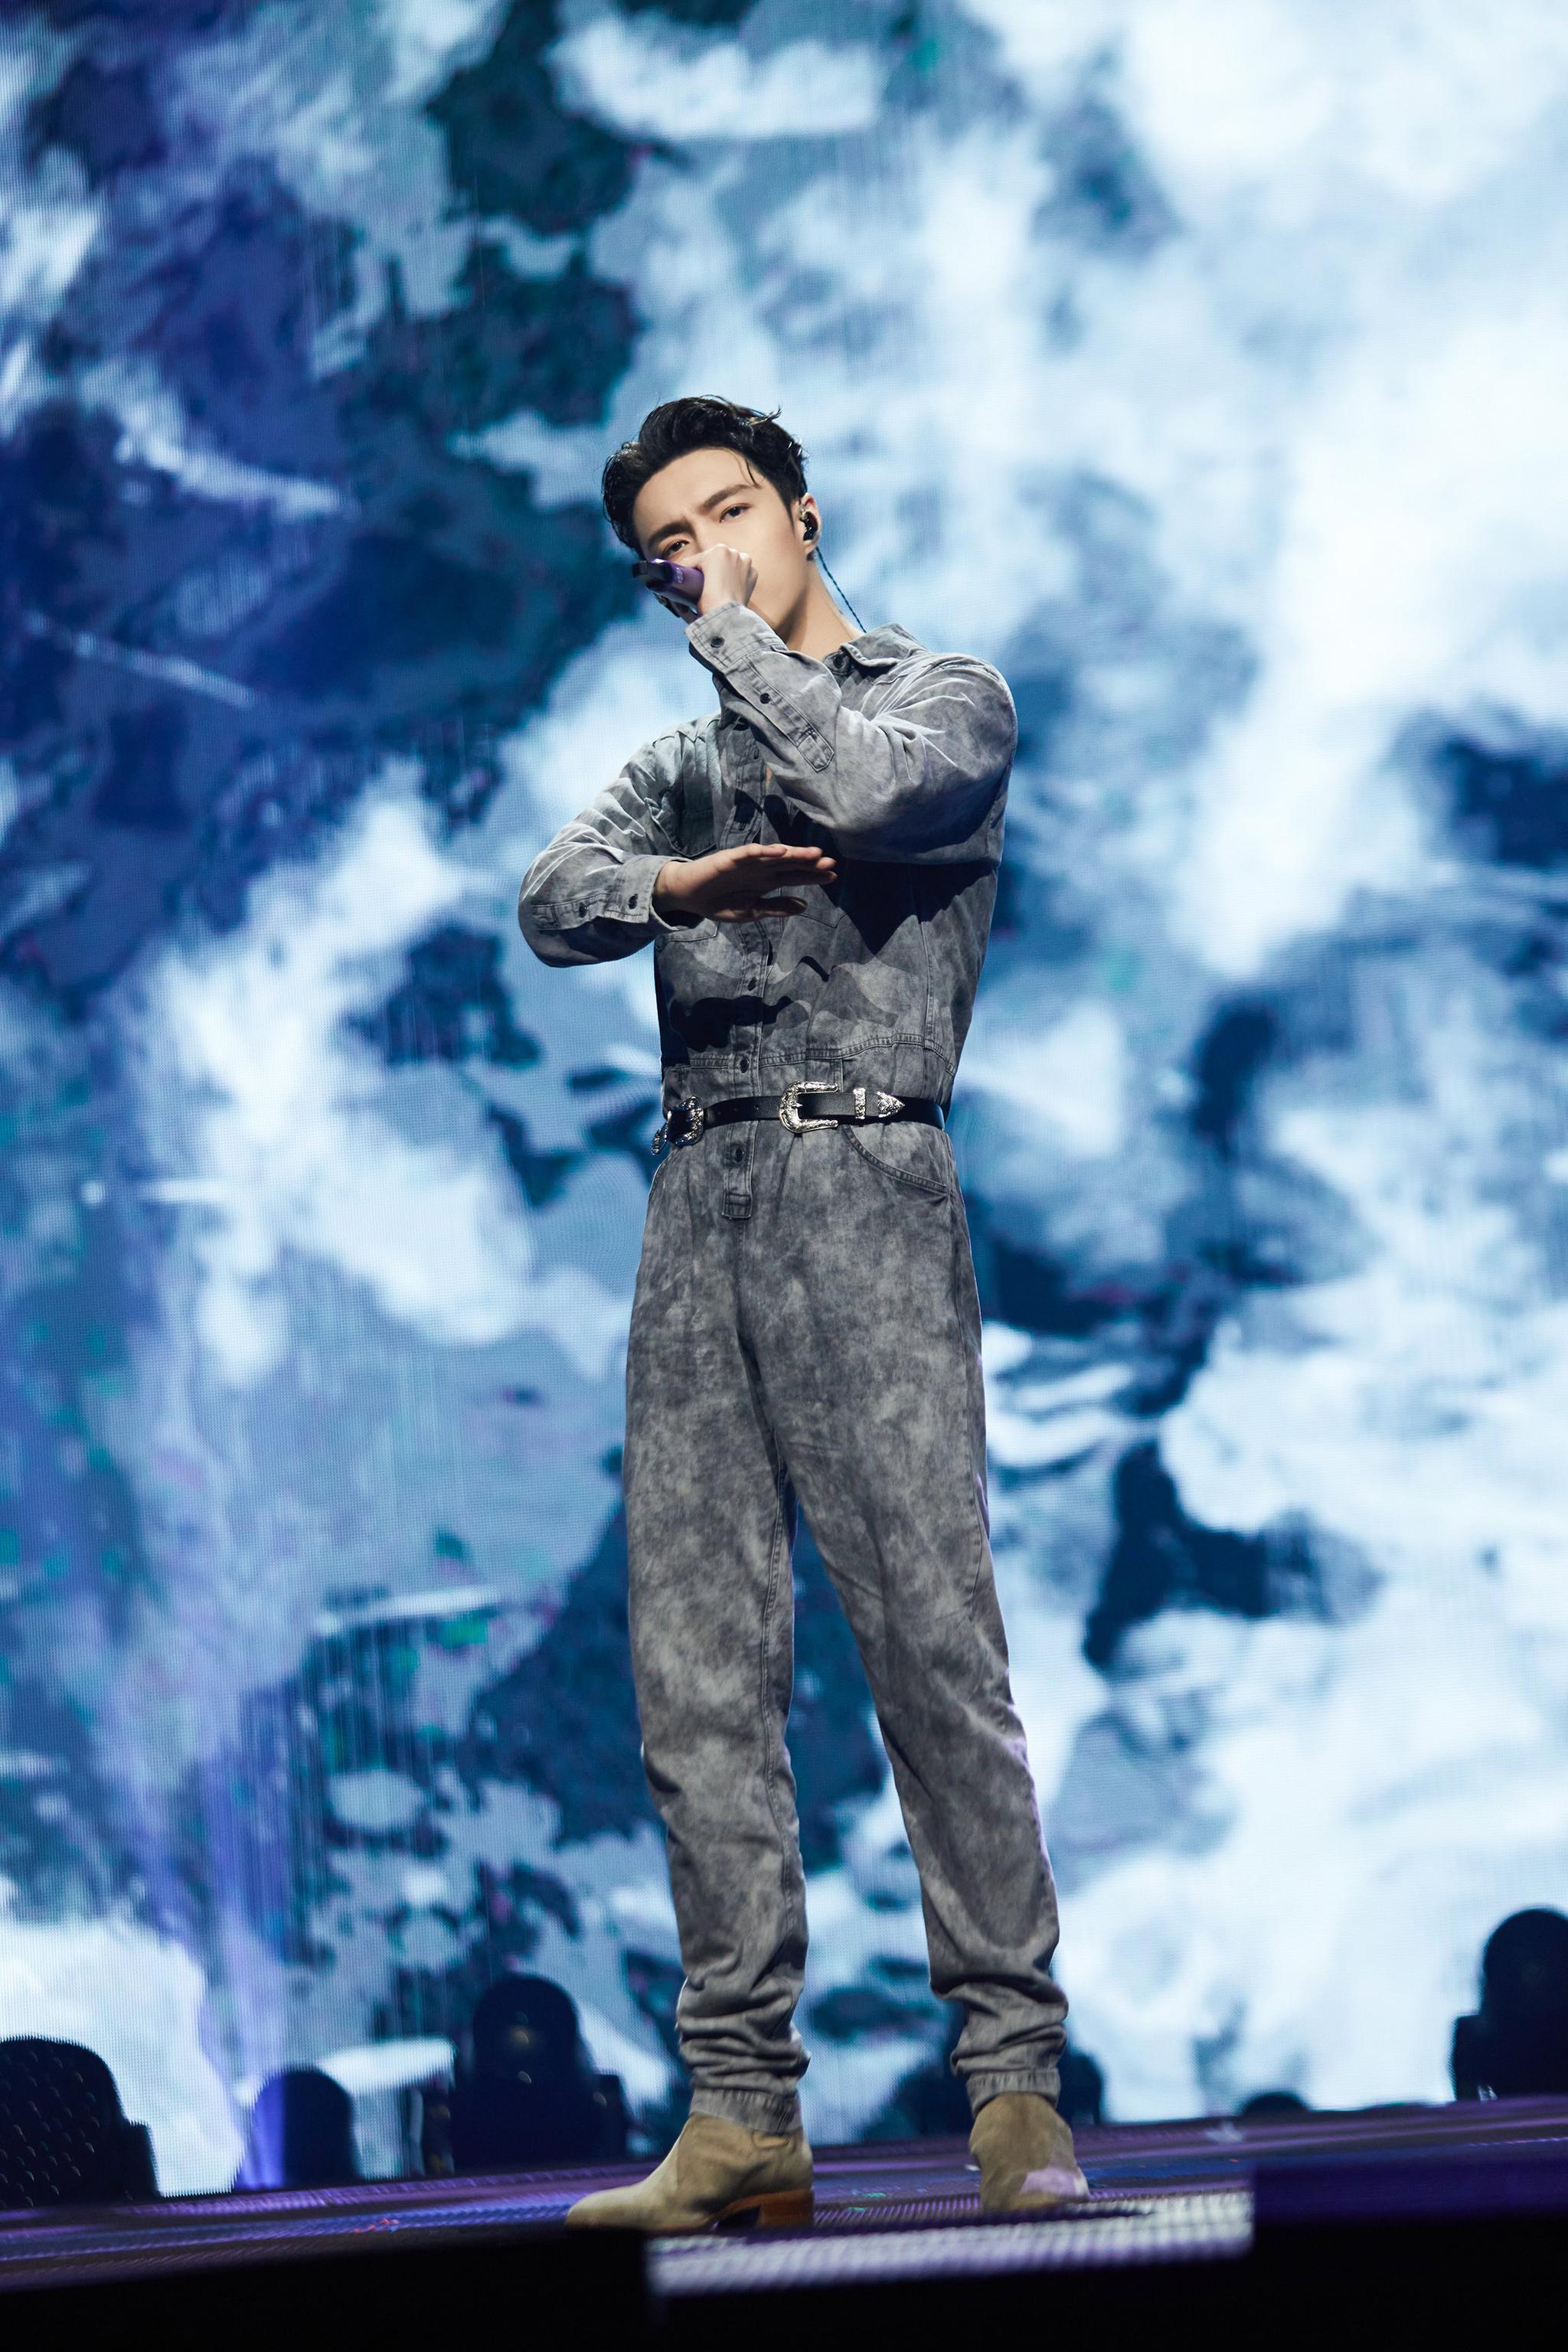 张艺兴《我是唱作人2》收官 推广M-POP原创实力获肯定